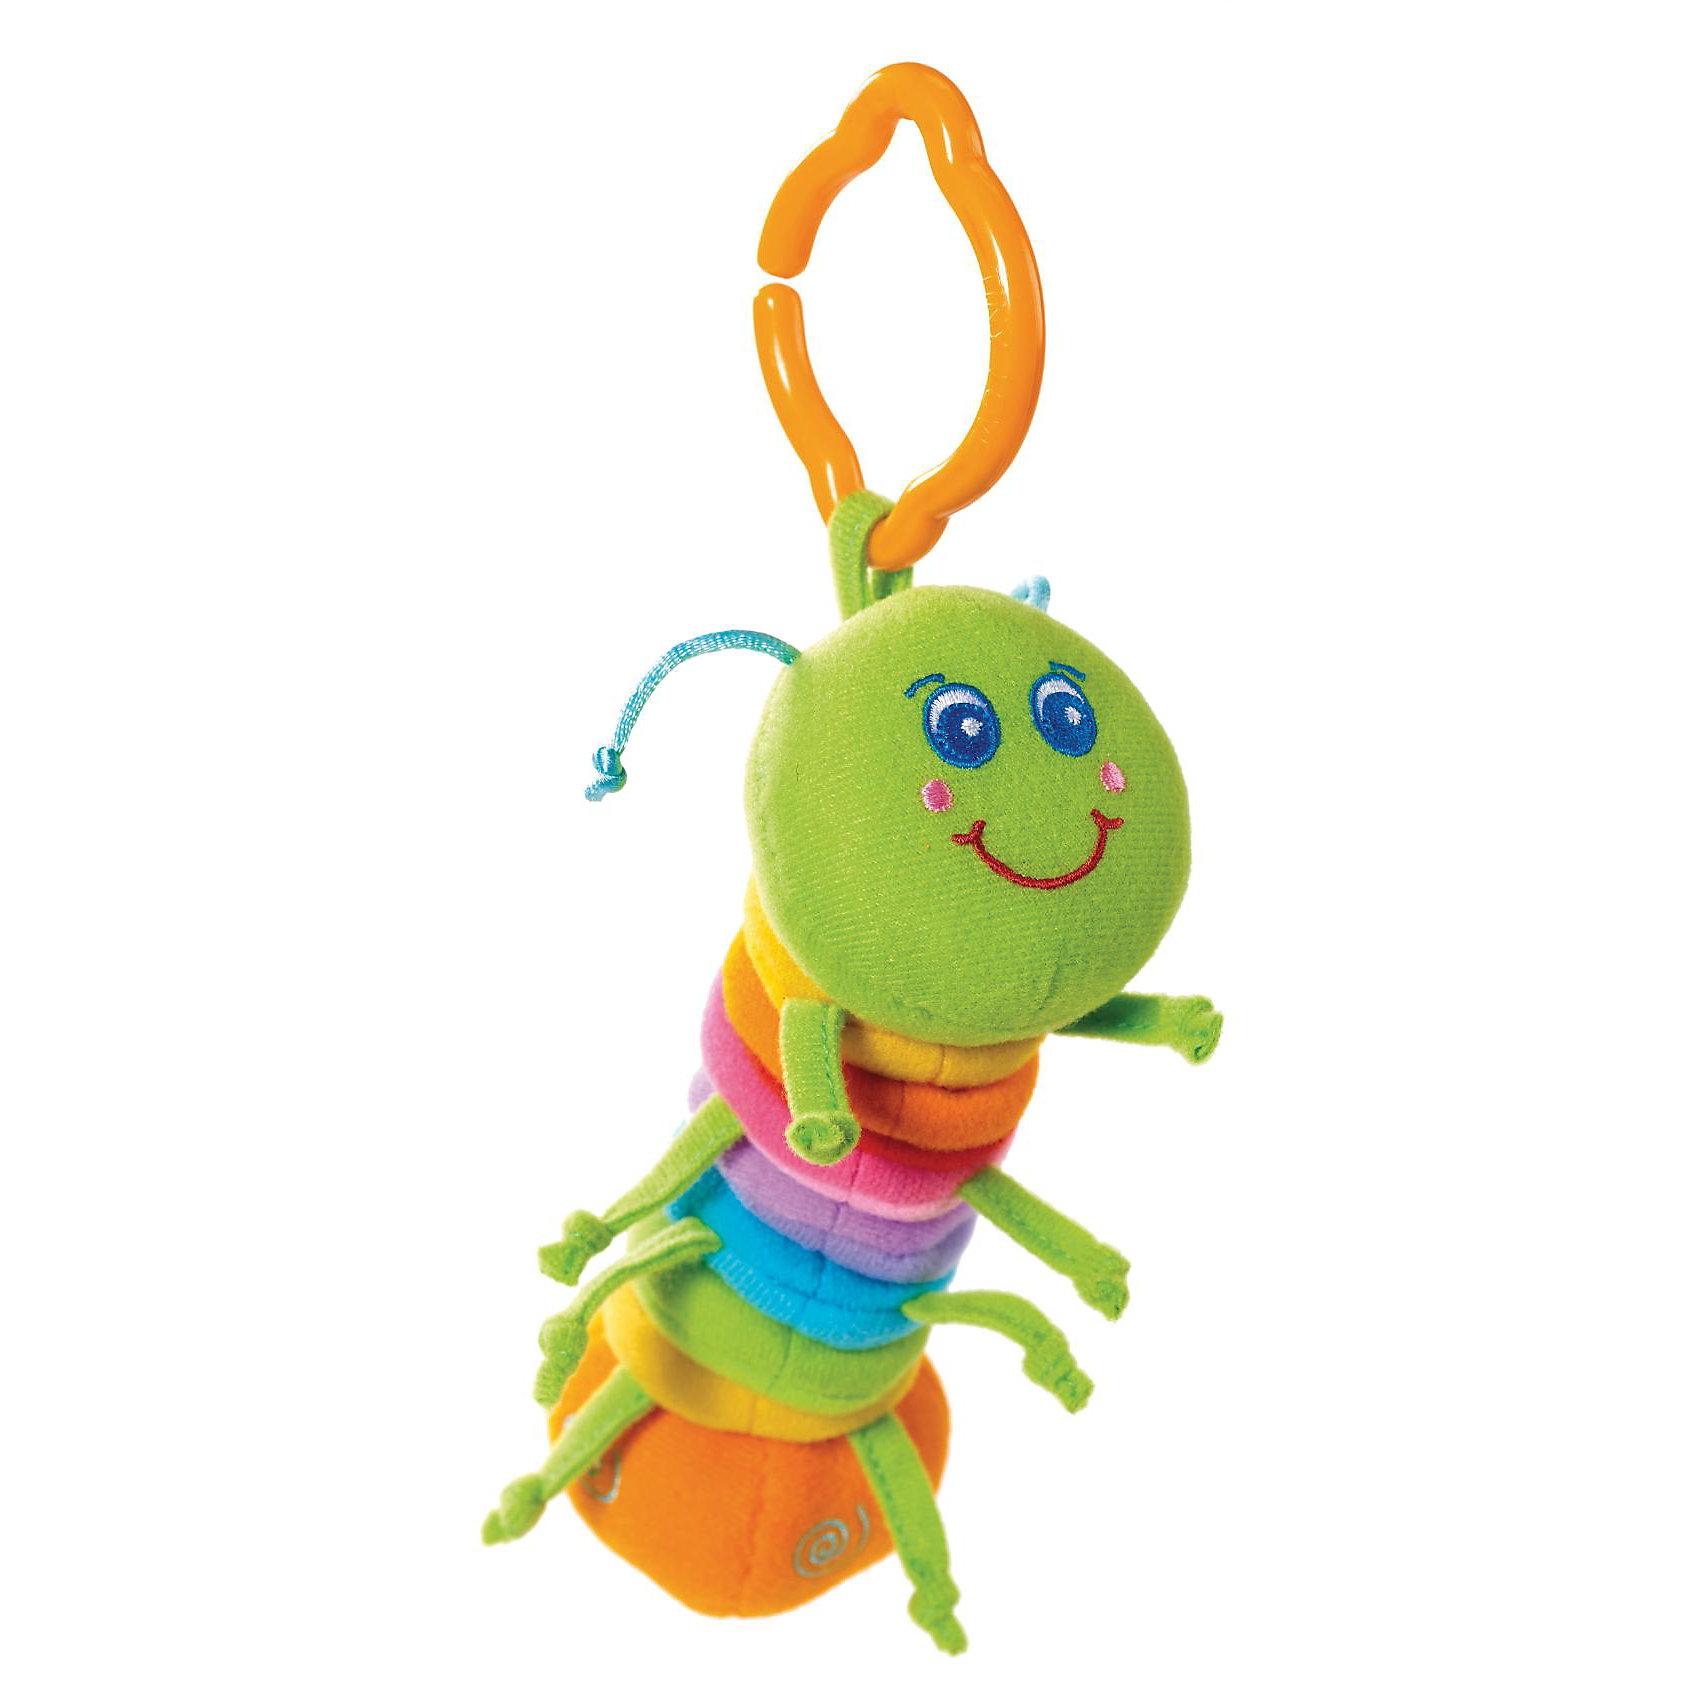 Развивающая игрушка Гусеничка, Tiny LoveРазвивающая игрушка Вибрирующая Гусеничка от Tiny Love (Тини Лав).<br><br>Игрушки серии Tiny Smarts - это уникальное сочетание всех чудесных свойств развивающих игрушек Tiny Love (Тини Лав) и выгодной цены. Игрушки Tiny Smarts можно повсюду брать с собой - малыши перед ними не устоят. <br><br>Развивающую игрушку «Вибрирующая Гусеничка» легко схватить и удержать в ручках, благодаря чему она привлечёт внимание даже новорожденного. Гусеничка сделана из материалов различной текстуры, что также станет объектом исследования малыша. Хвостик этой разноцветной маленькой гусеницы заканчивается забавно гремящей погремушкой; а ещё гусеничка может втягивать обратно шейку, которая при этом смешно вибрирует. <br>Так с самых первых дней жизни малыша игрушка будет развивать его органы чувств, мелкую и крупную моторику и мировосприятие.<br><br>Очень интересная игрушка для Вашего малыша!<br><br>Дополнительная информация:<br>Материал: текстиль.<br>Размеры (д/ш/в): 22 х 13 х 6 см.<br><br>Развивающую игрушку Гусеничка, Tiny Love (Тини Лав) можно купить в нашем интернет- магазине.<br><br>Ширина мм: 172<br>Глубина мм: 144<br>Высота мм: 66<br>Вес г: 63<br>Возраст от месяцев: 0<br>Возраст до месяцев: 12<br>Пол: Унисекс<br>Возраст: Детский<br>SKU: 1856280